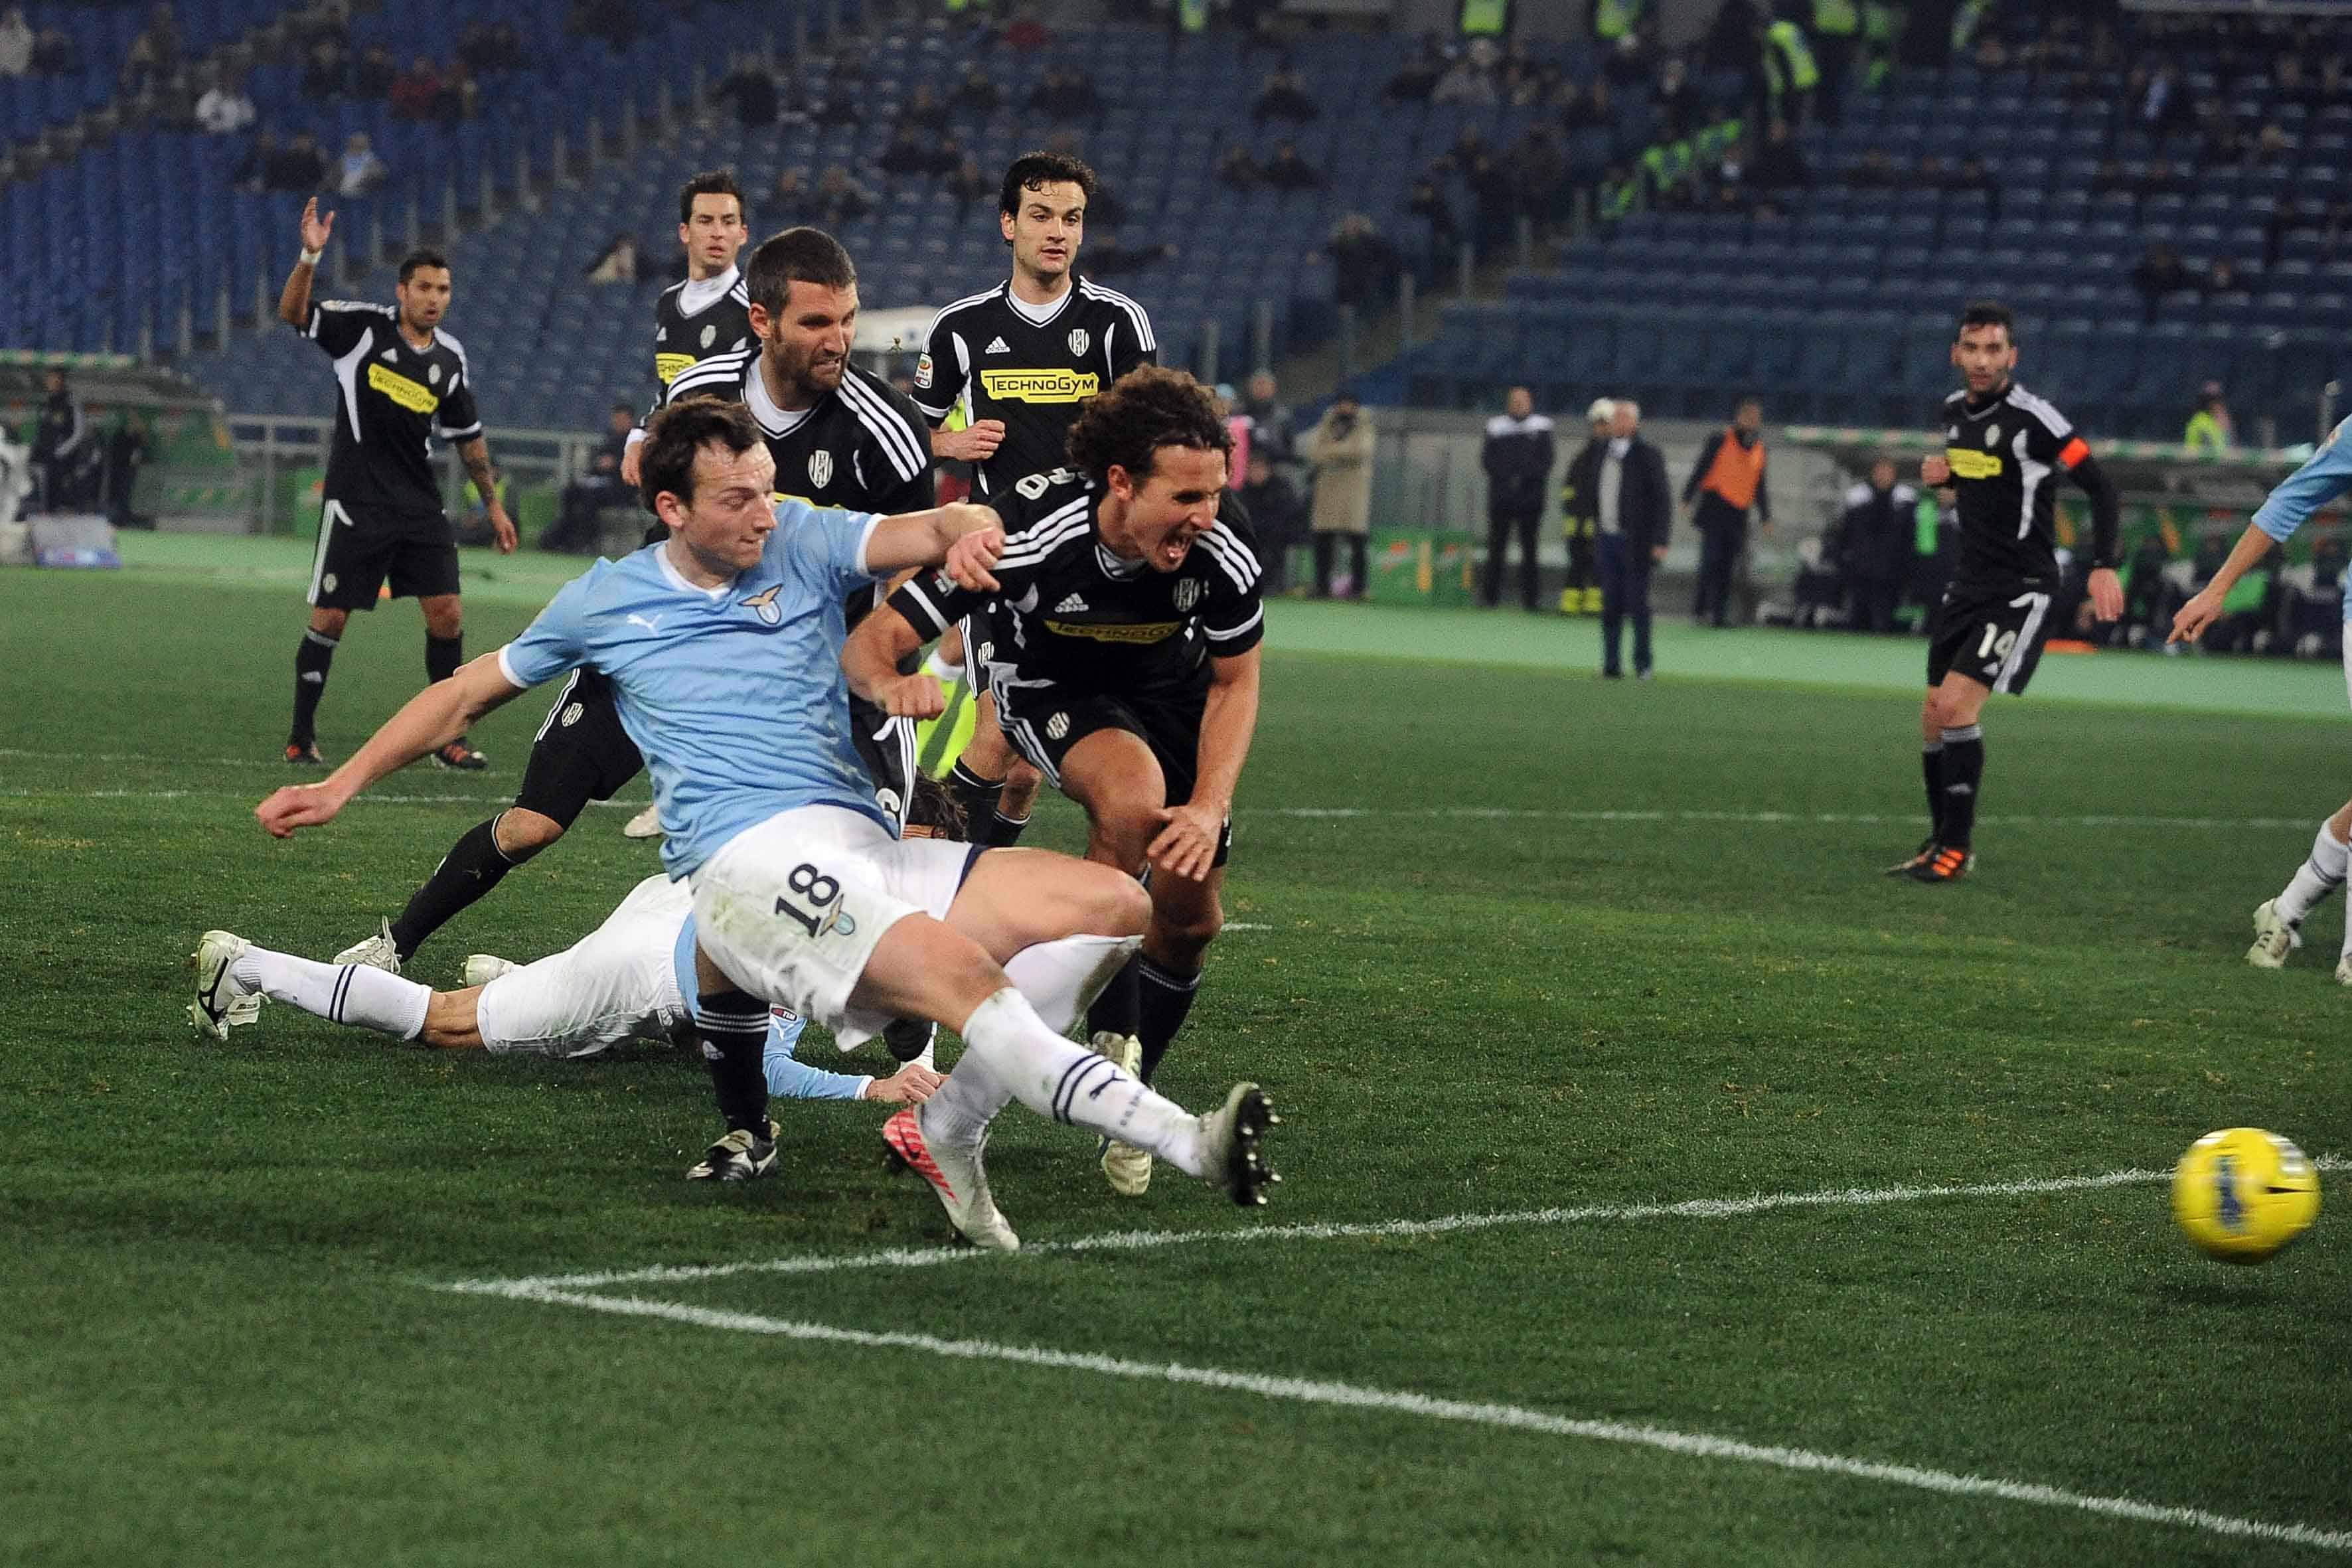 kozak - Serie A 2011-2012: Il commento alla 23esima giornata